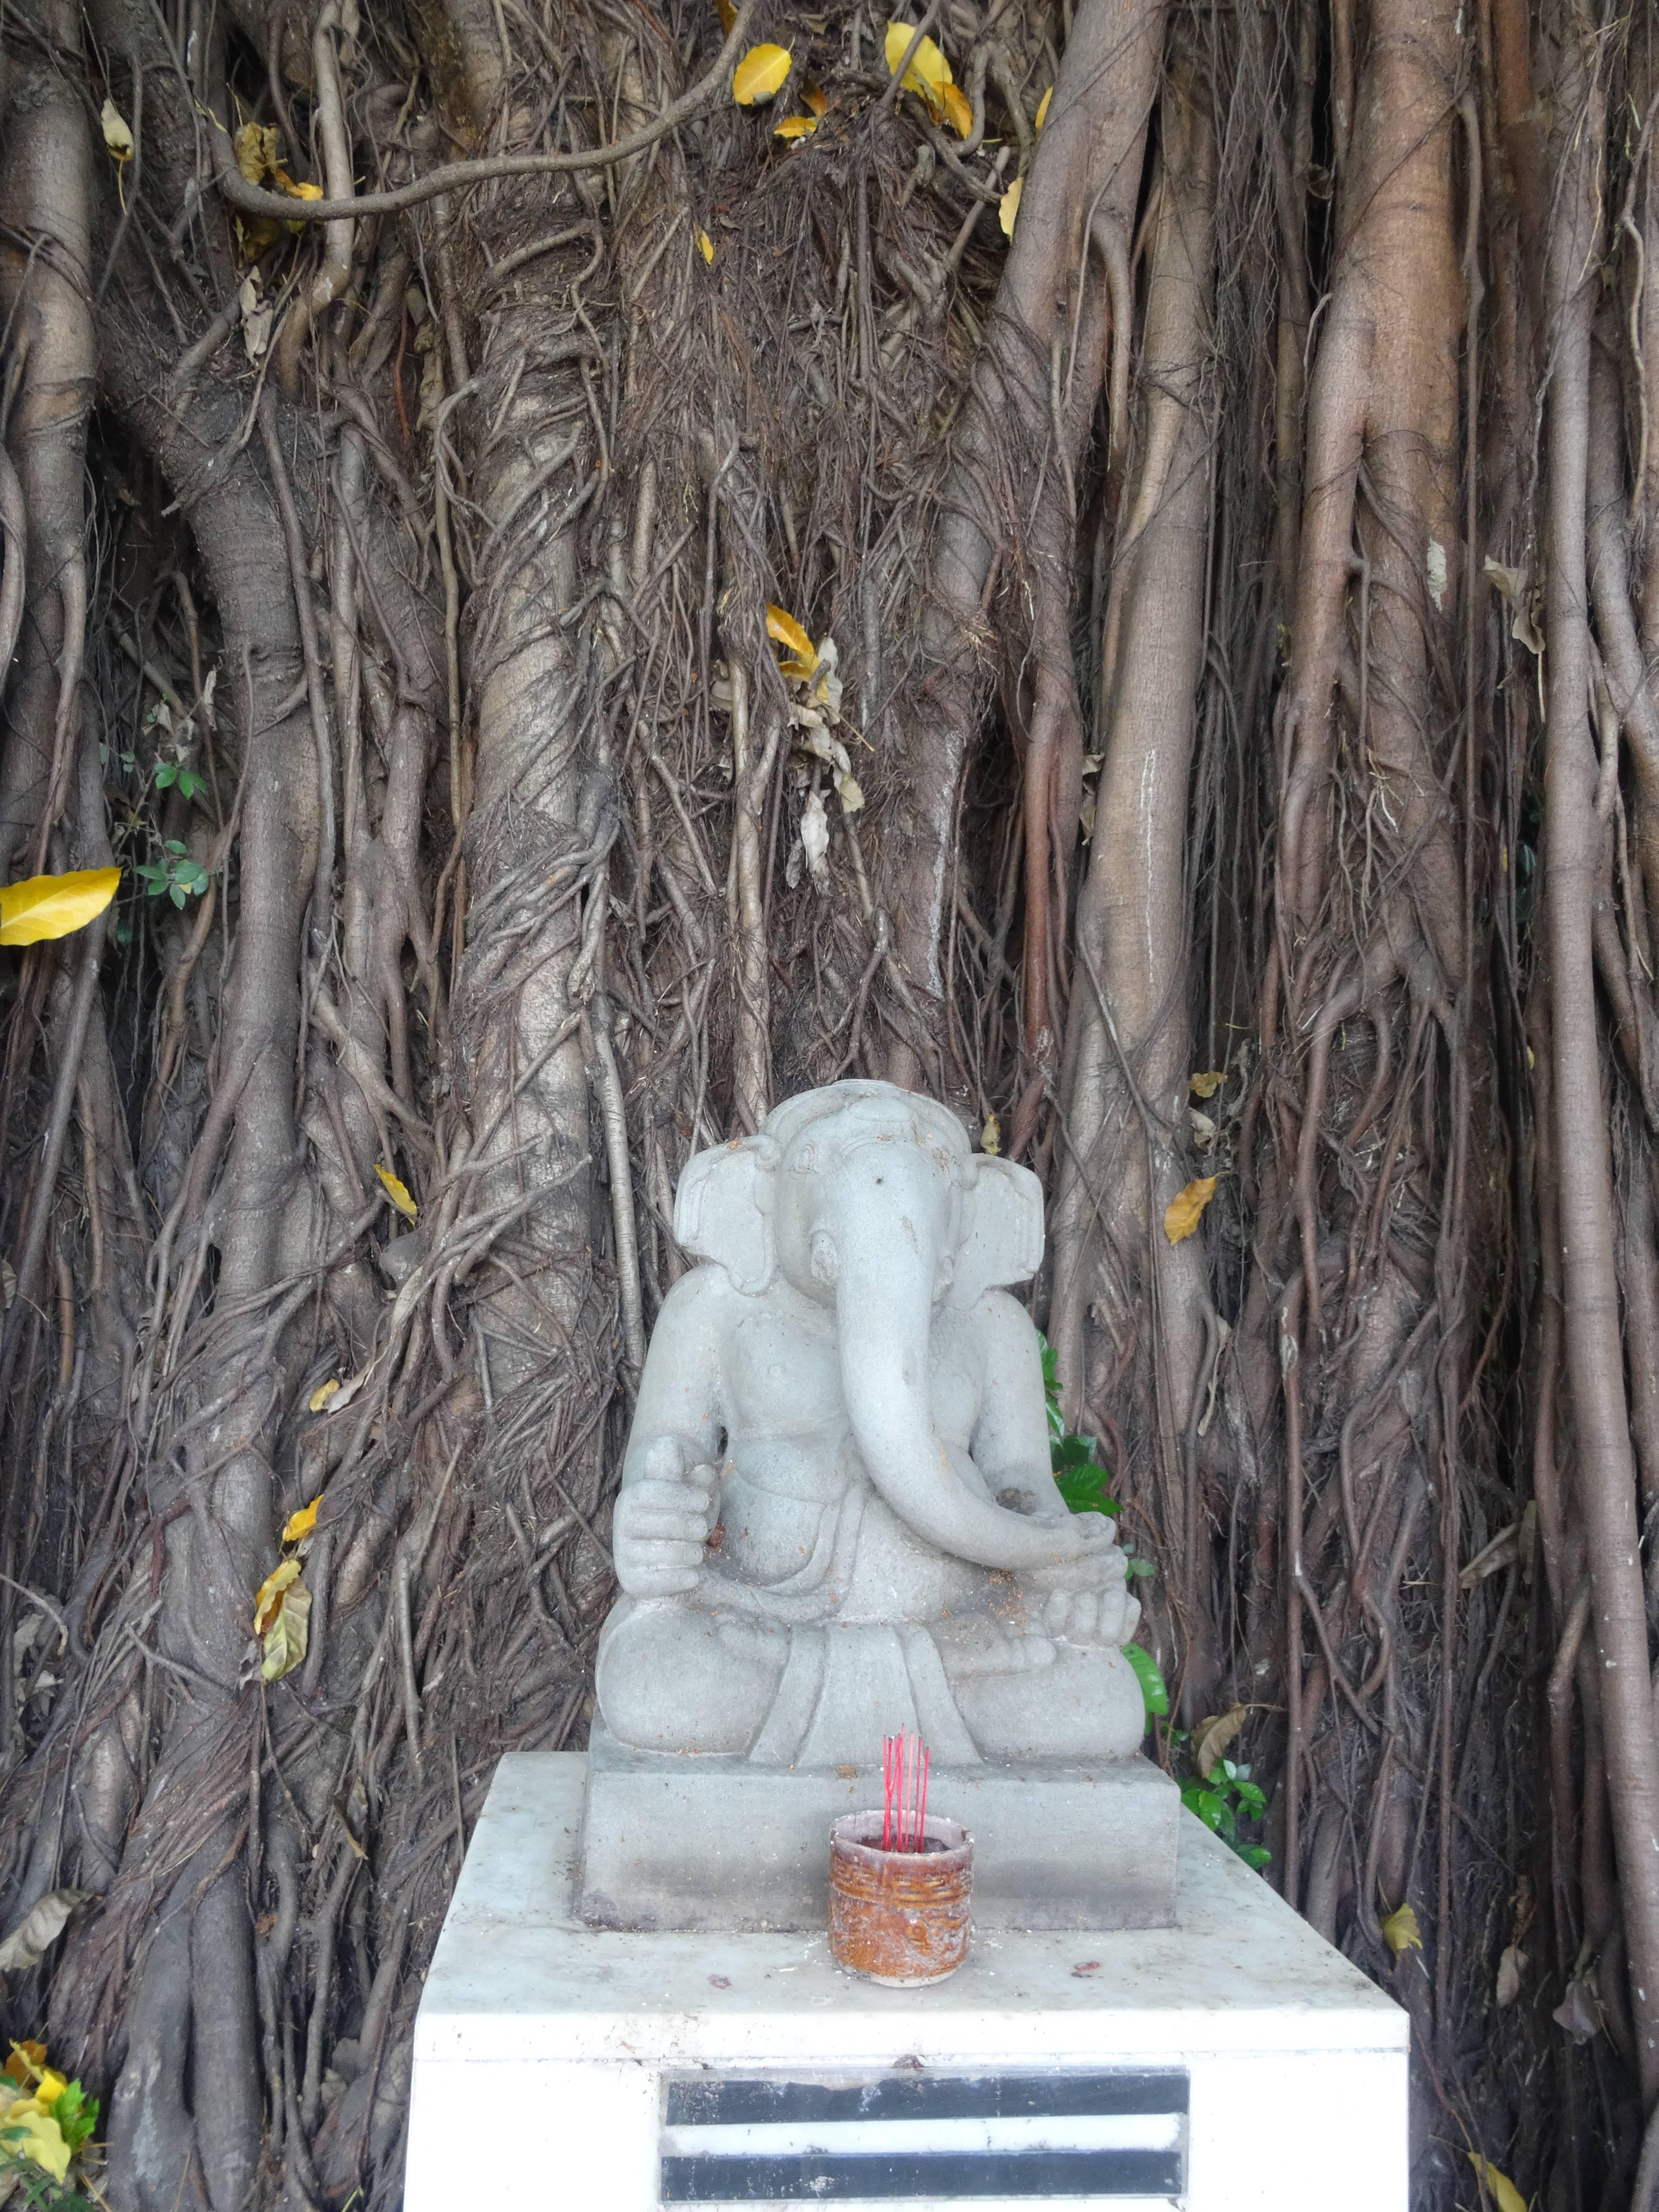 Photo 3: Musée d'art Cham à Da Nang, pour qui aime la sculpture....